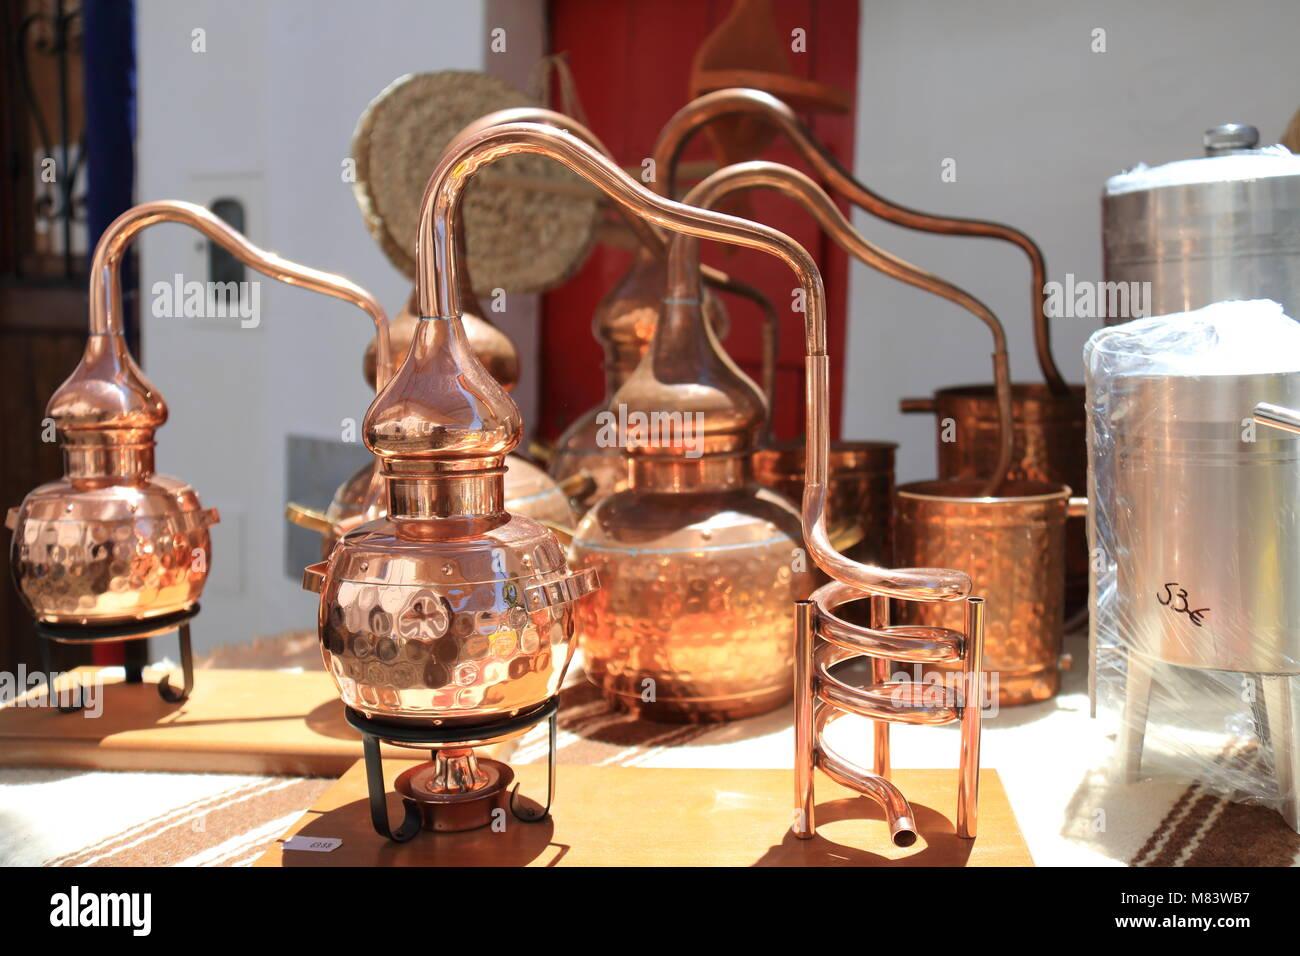 Stills for alcohol distillation - Stock Image